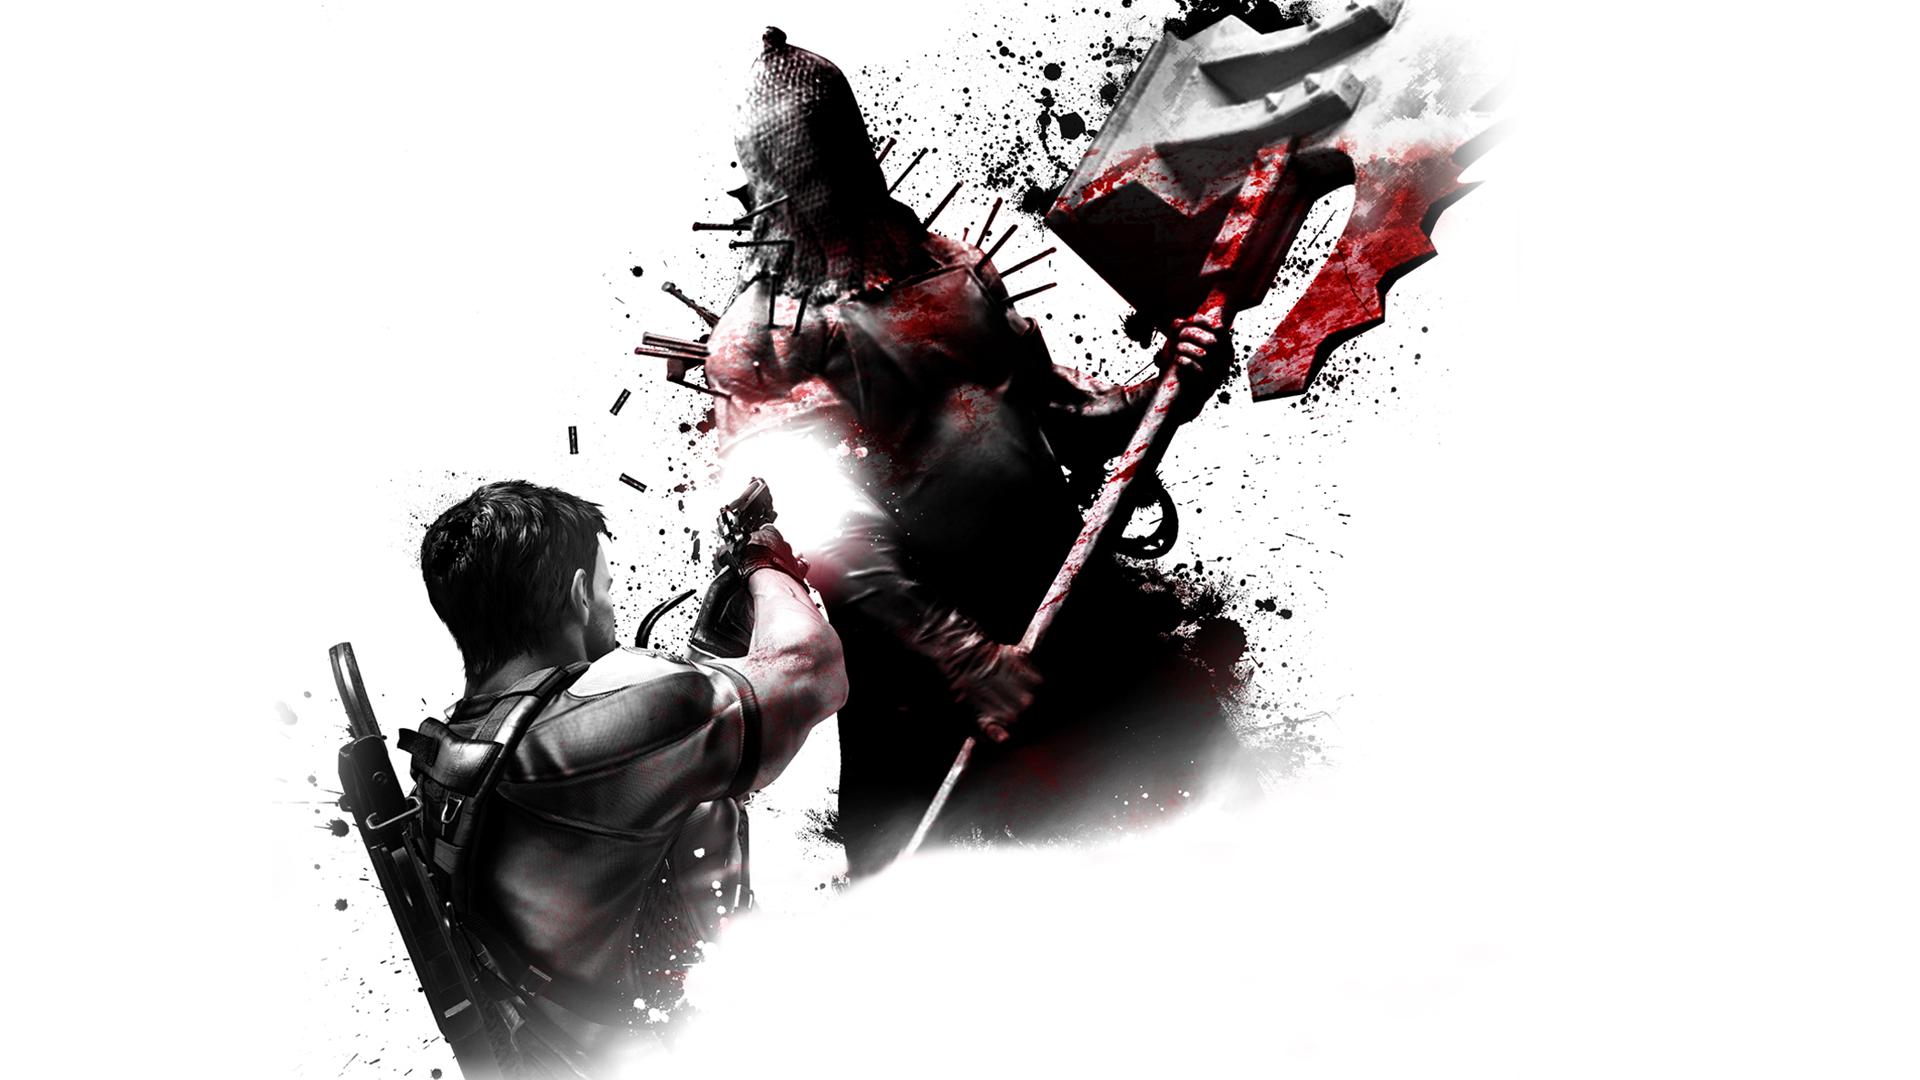 Resident Evil 0 Wallpaper - WallpaperSafari